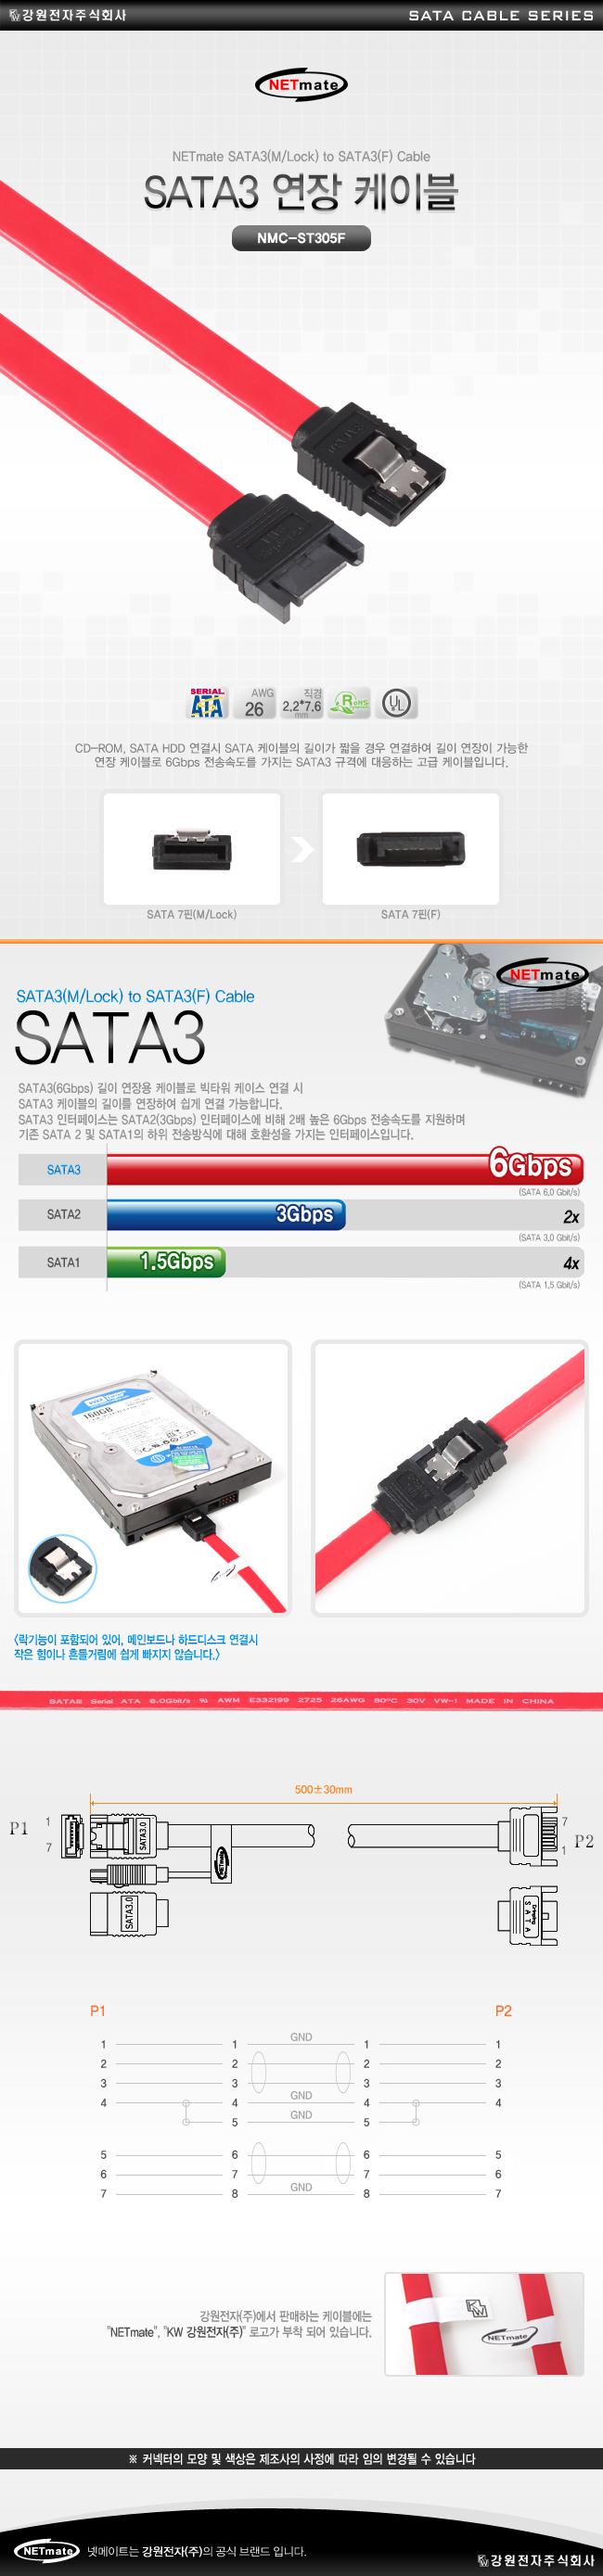 강원전자 NETmate SATA3(Lock) 연장 케이블(0.5m, NMC-ST305F)